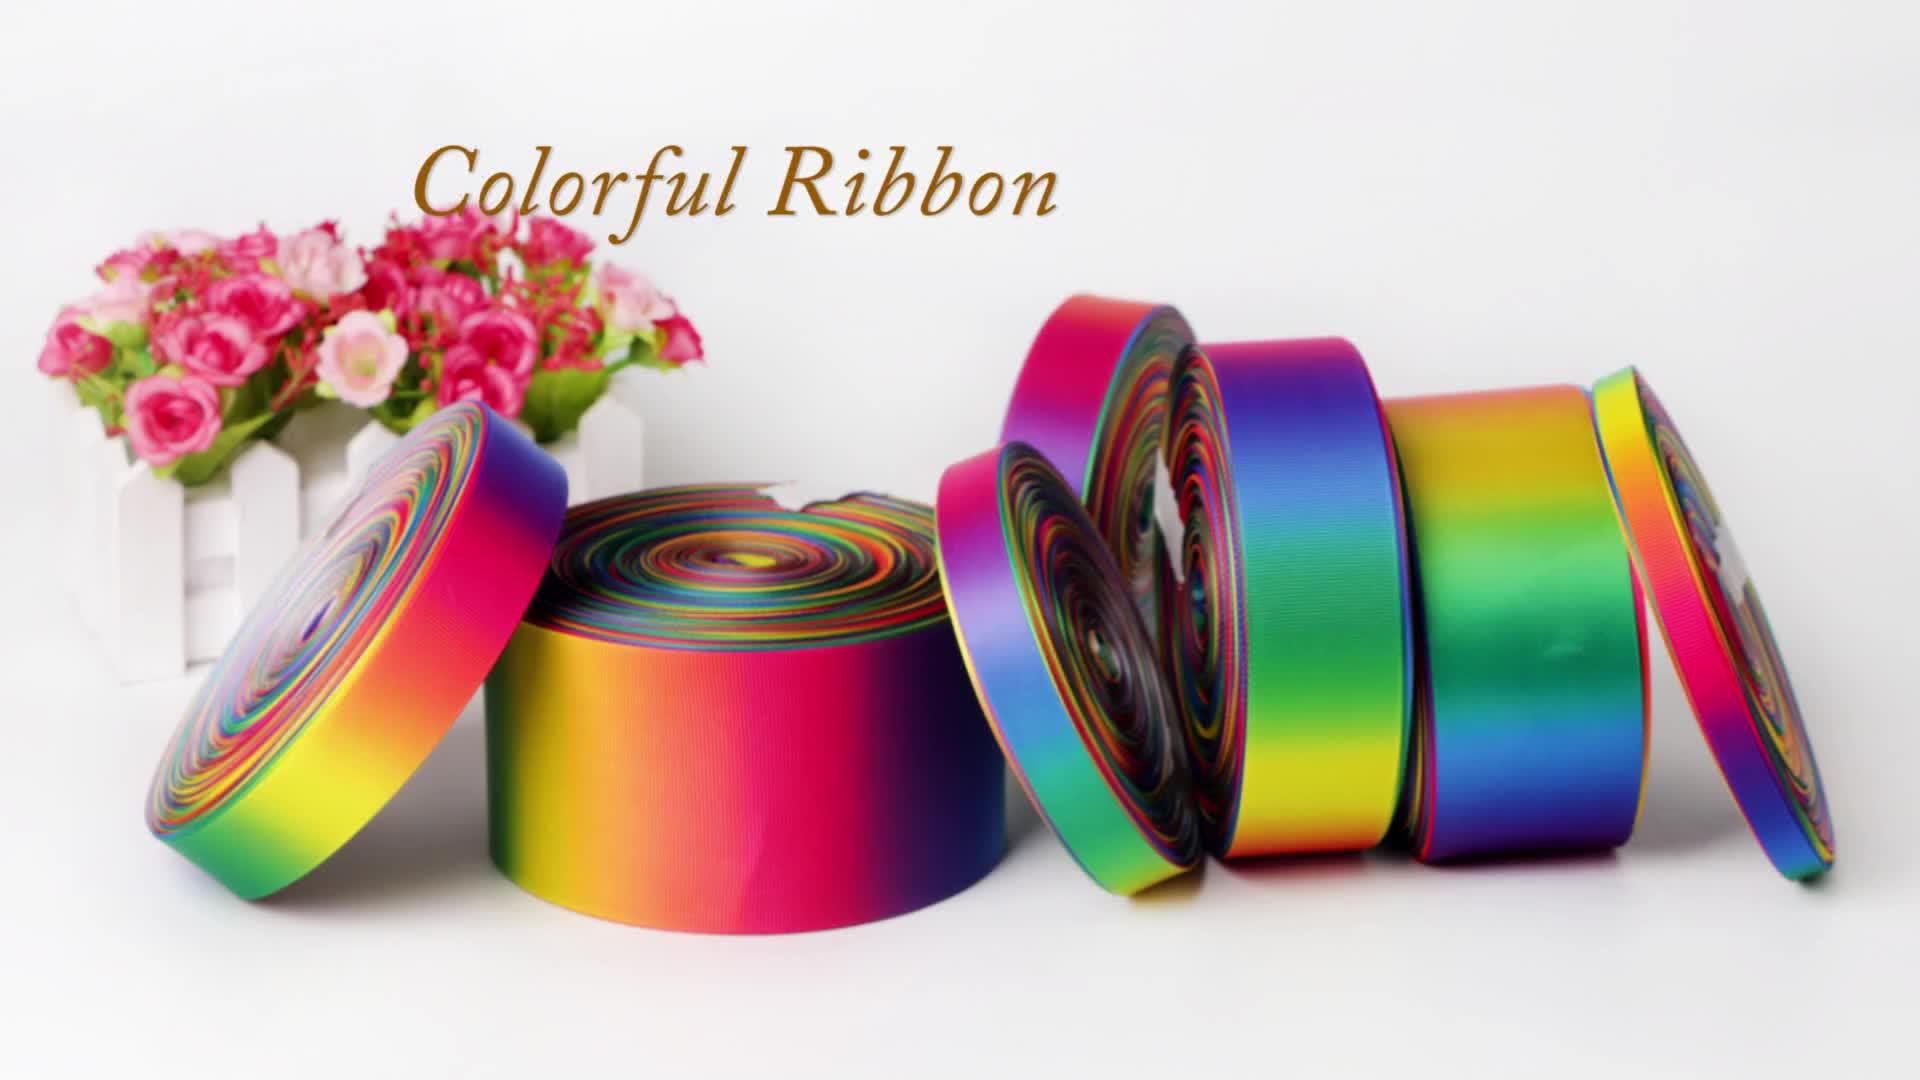 All'ingrosso su ordine del raso nastro stampato del grosgrain nastro di trasferimento di calore di stampa double face arcobaleno nastro di raso